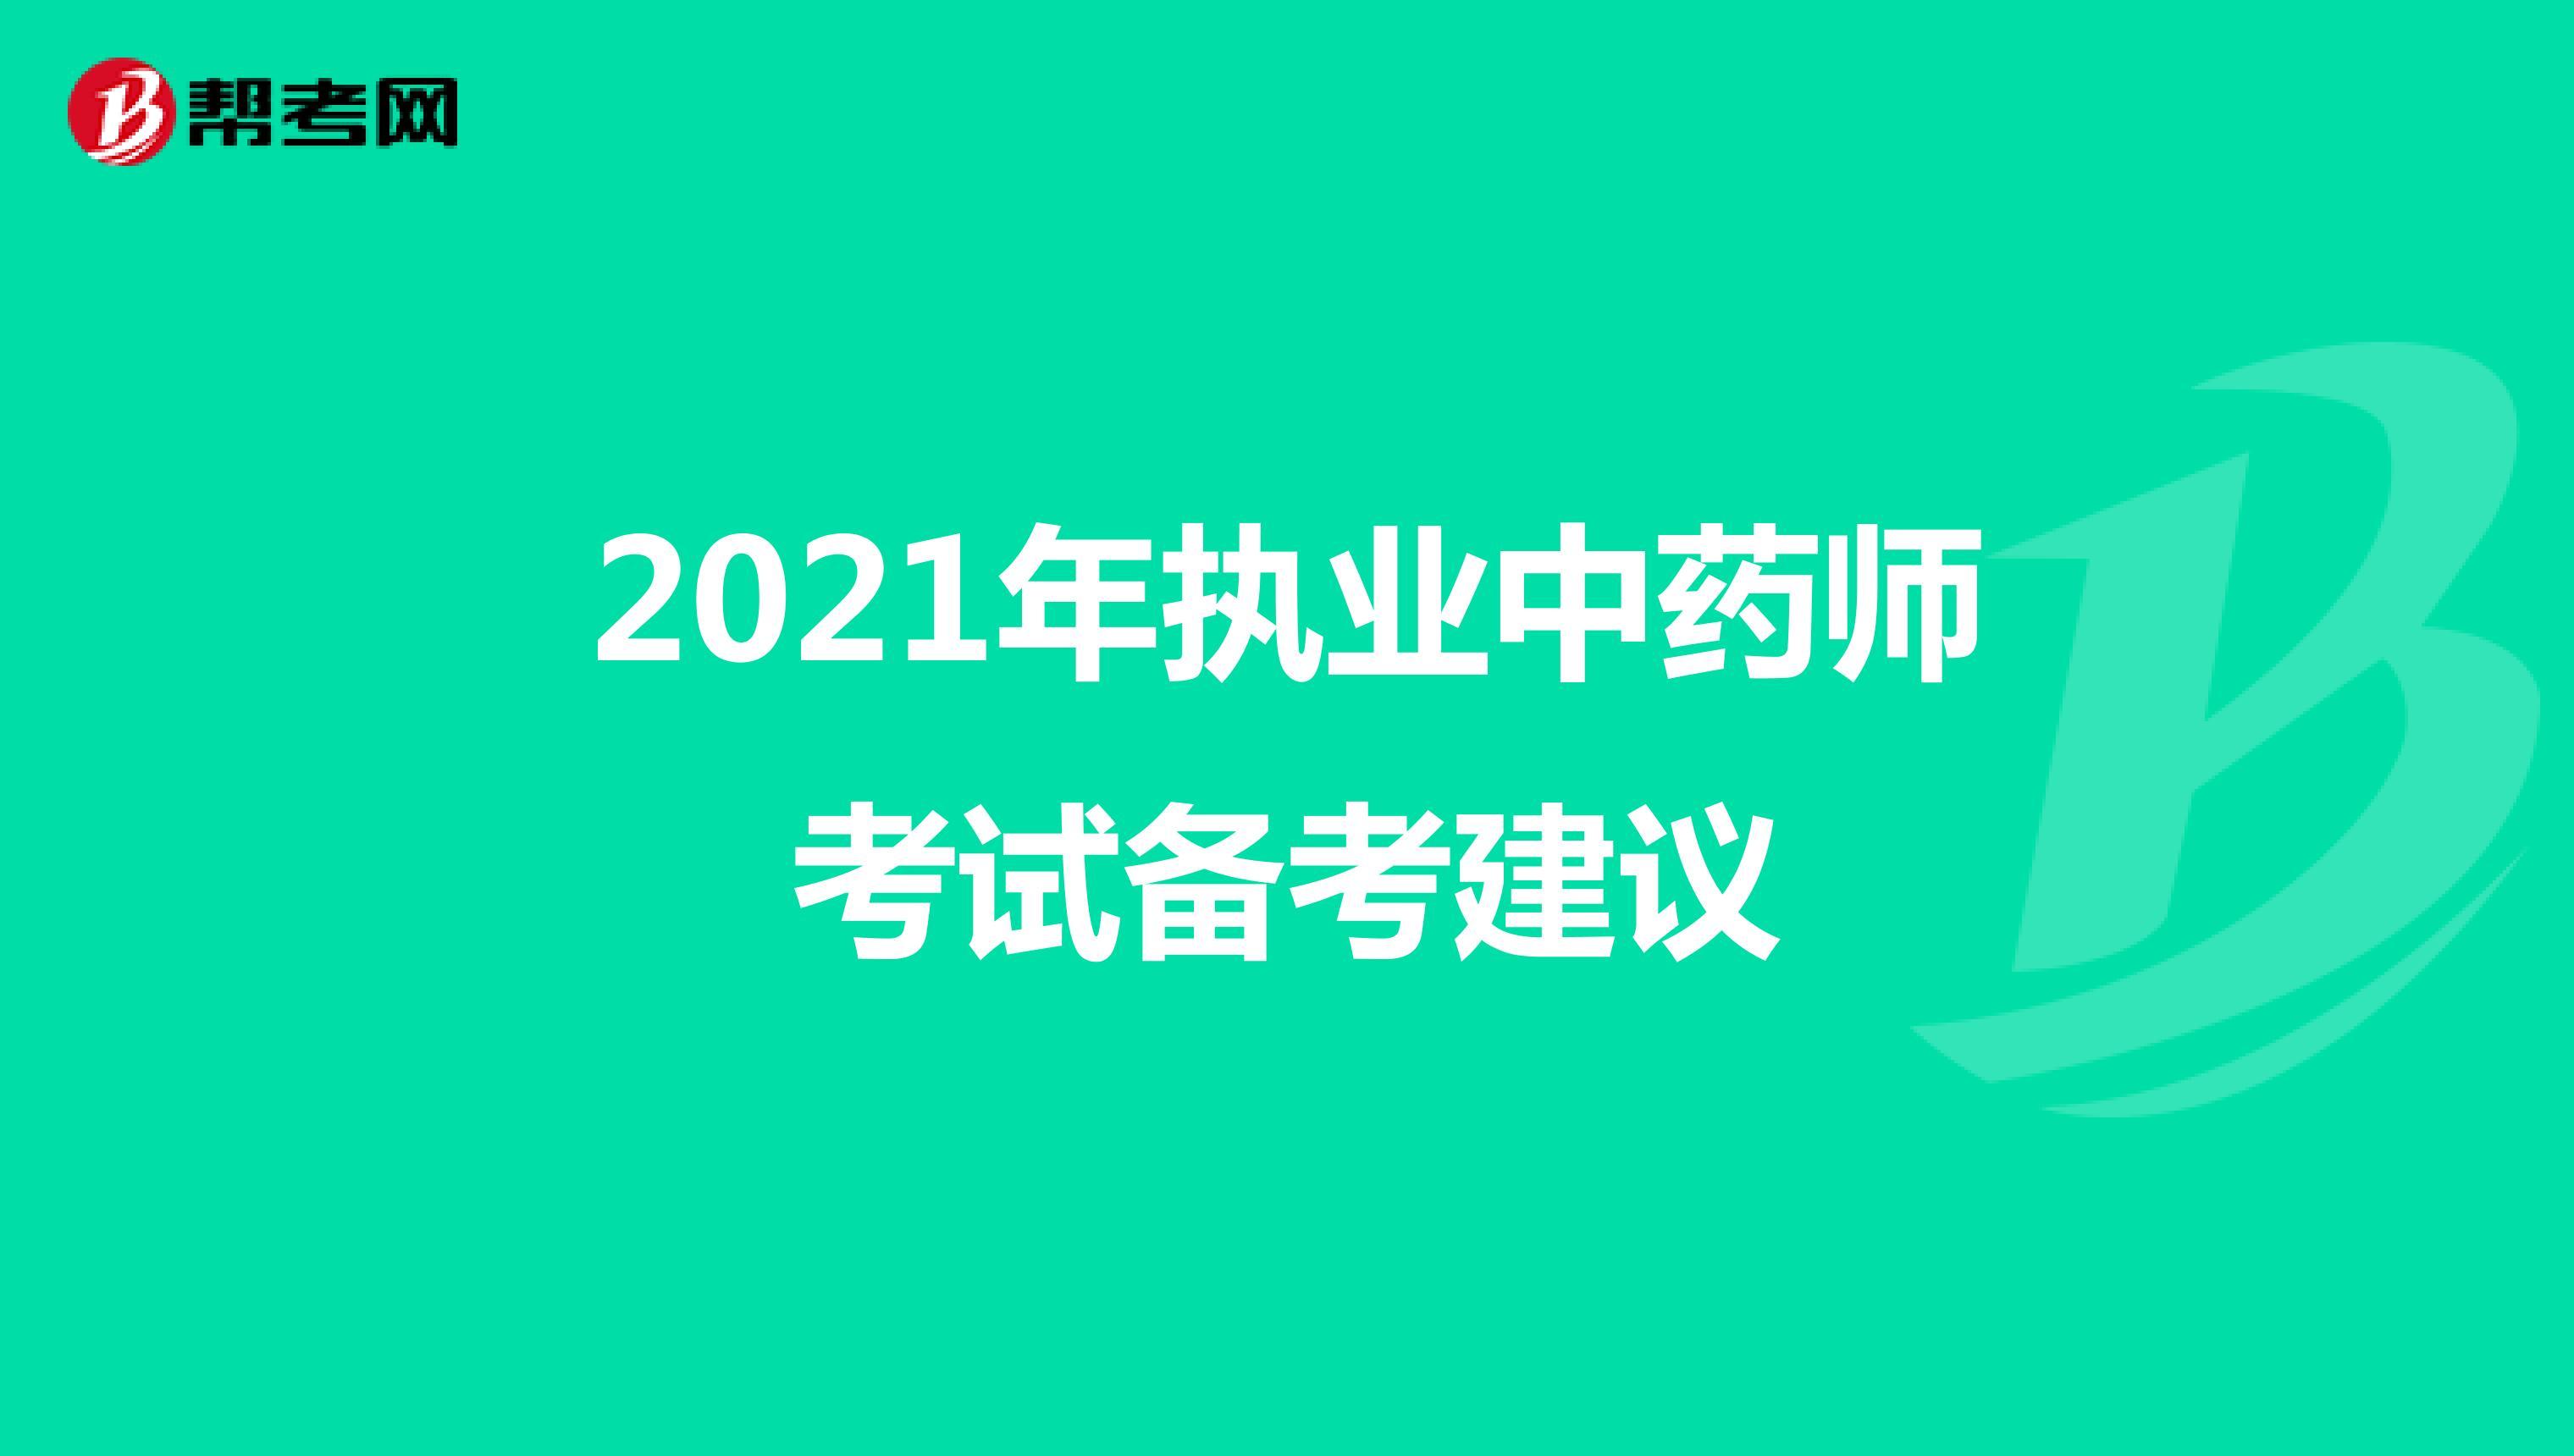 2021年执业中药师考试备考建议